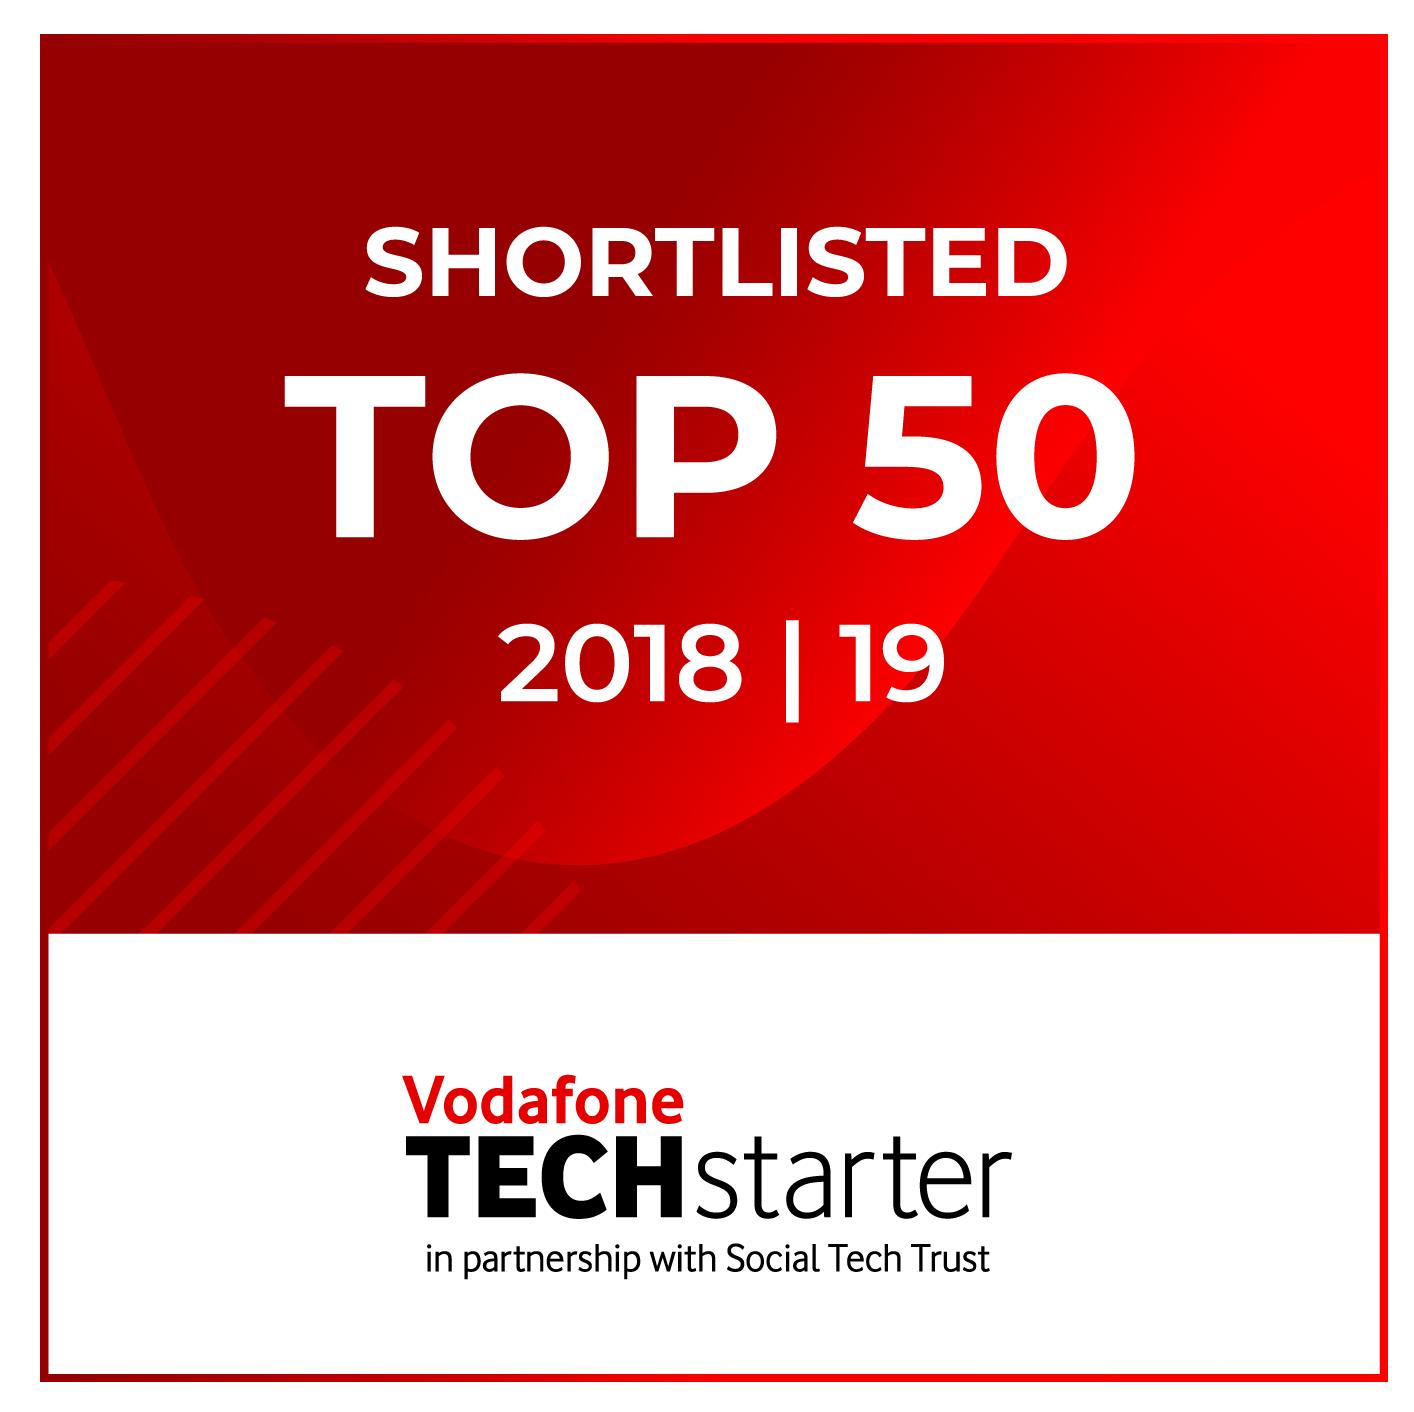 Vodafone_Techstarter_Top50_1-1.png